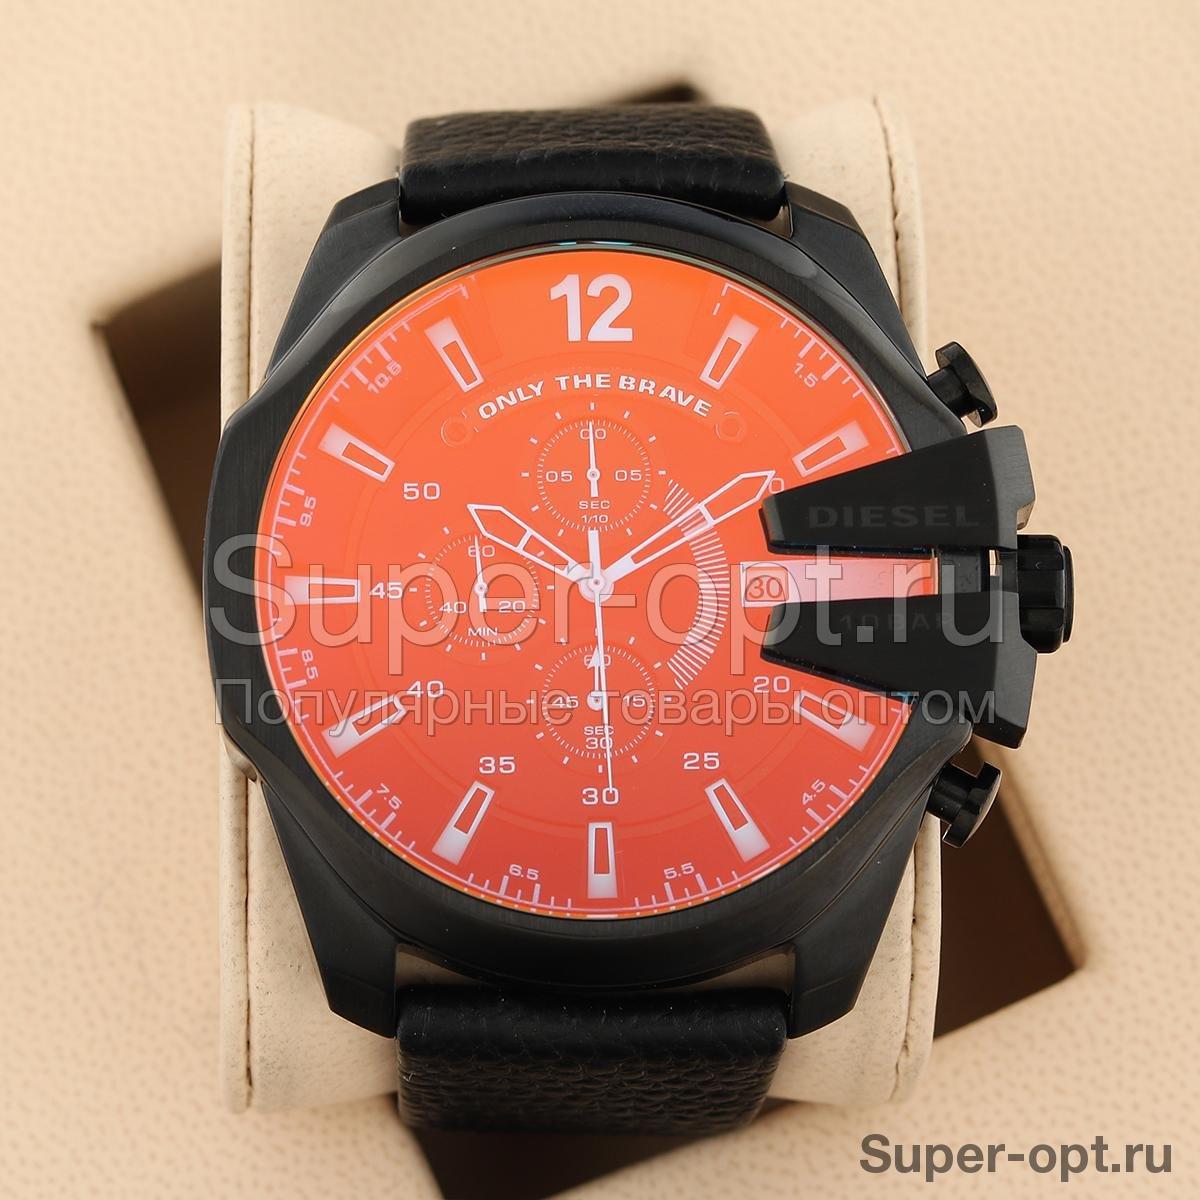 Часы Diesel 10 bar. Мужские часы   купить копии часов Дизель Подробности.. 2e12a8c9a99